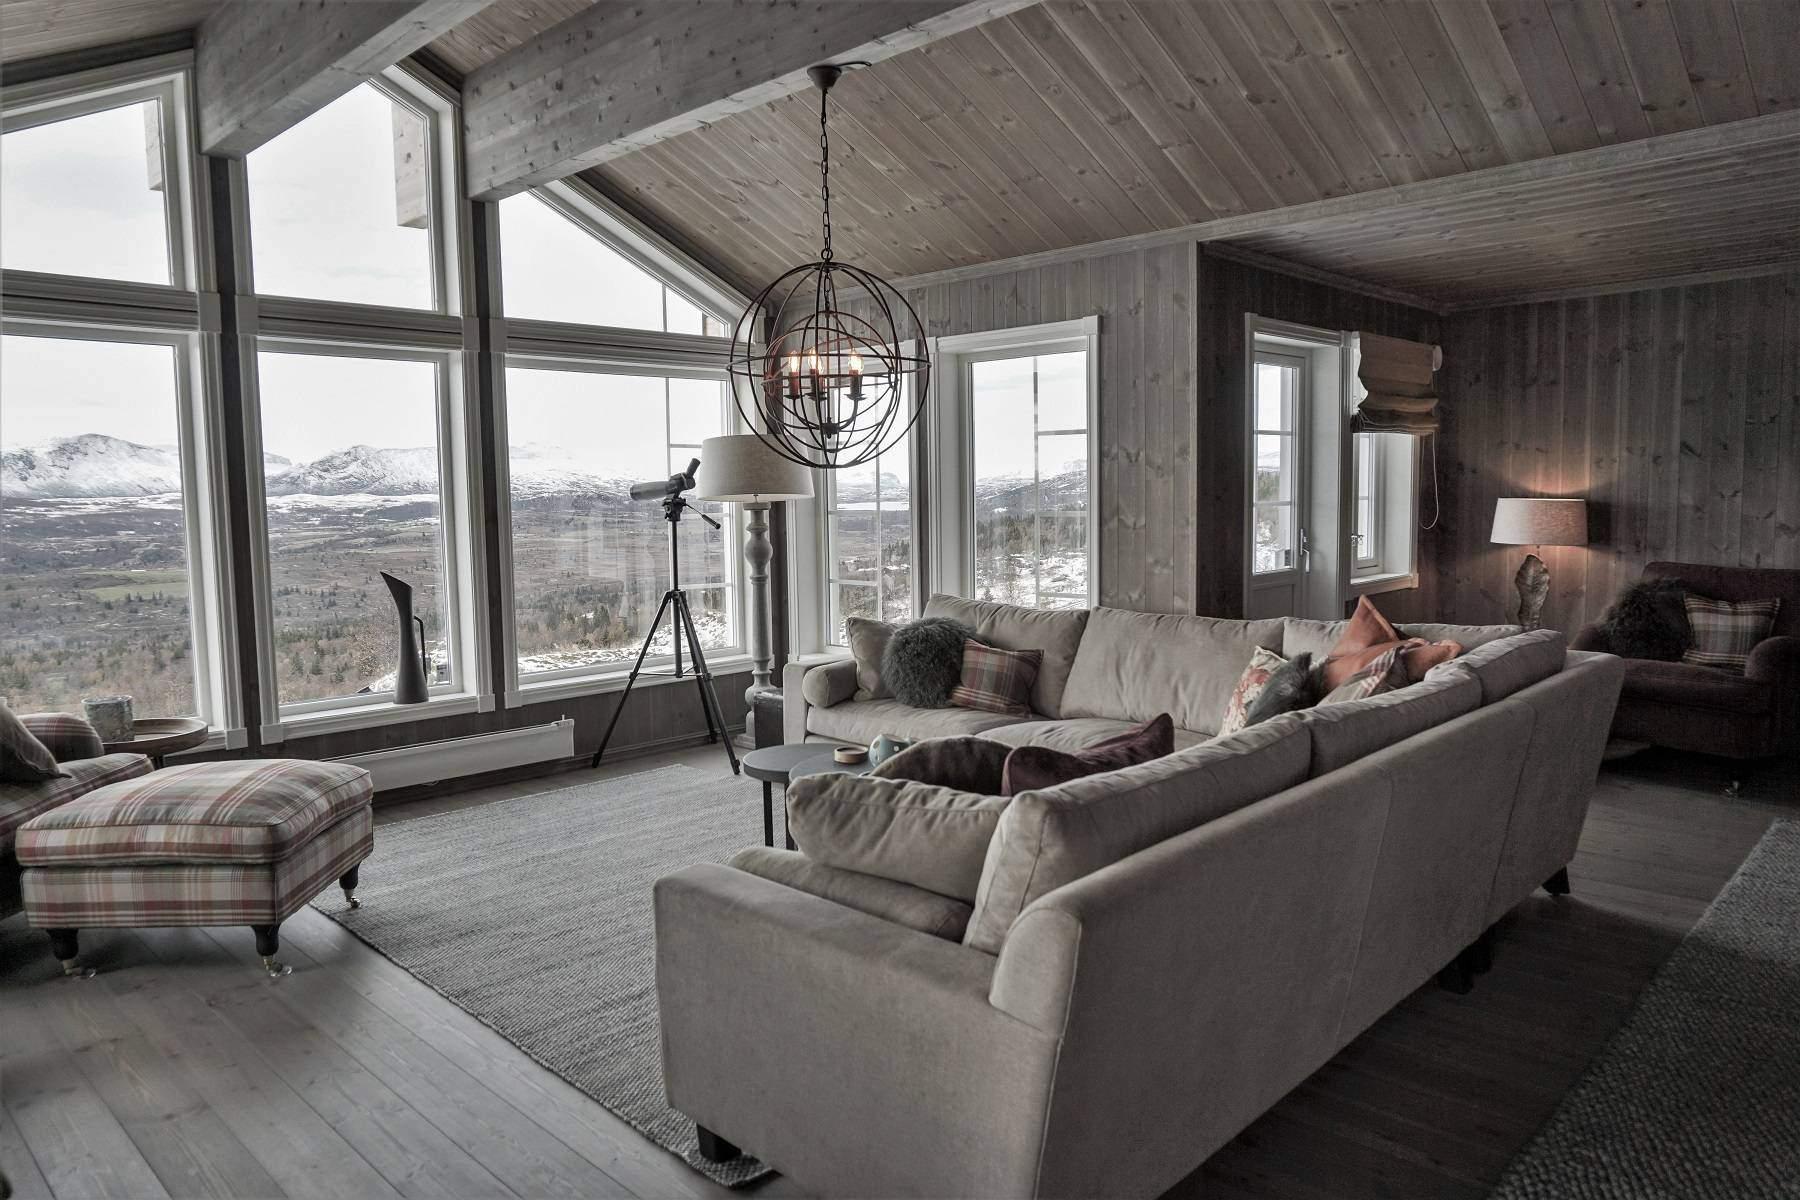 148 Hyttemodell Hytte Strynsfjell 122 Tiurtoppen Hytter. Stor stue med mange innredningsmuligheter